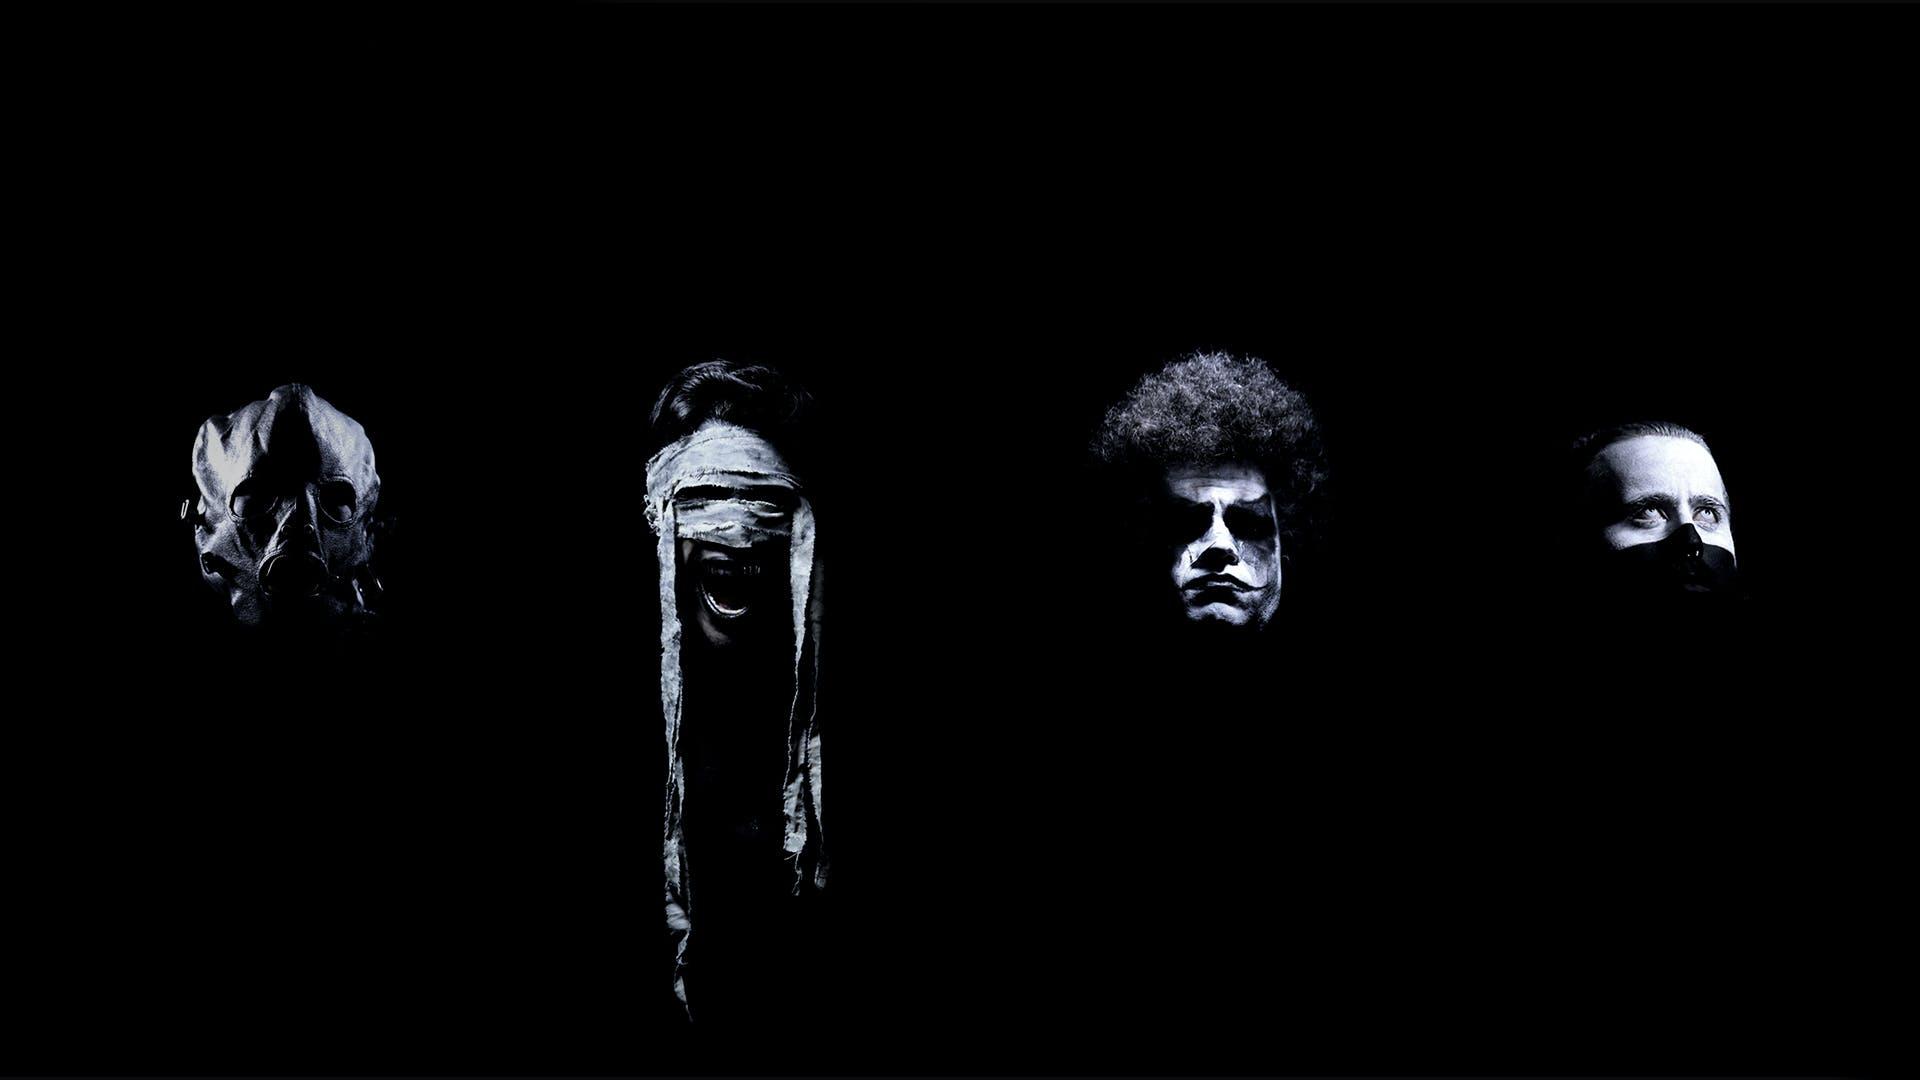 Caras de los miembros de la banda usando disfraces.